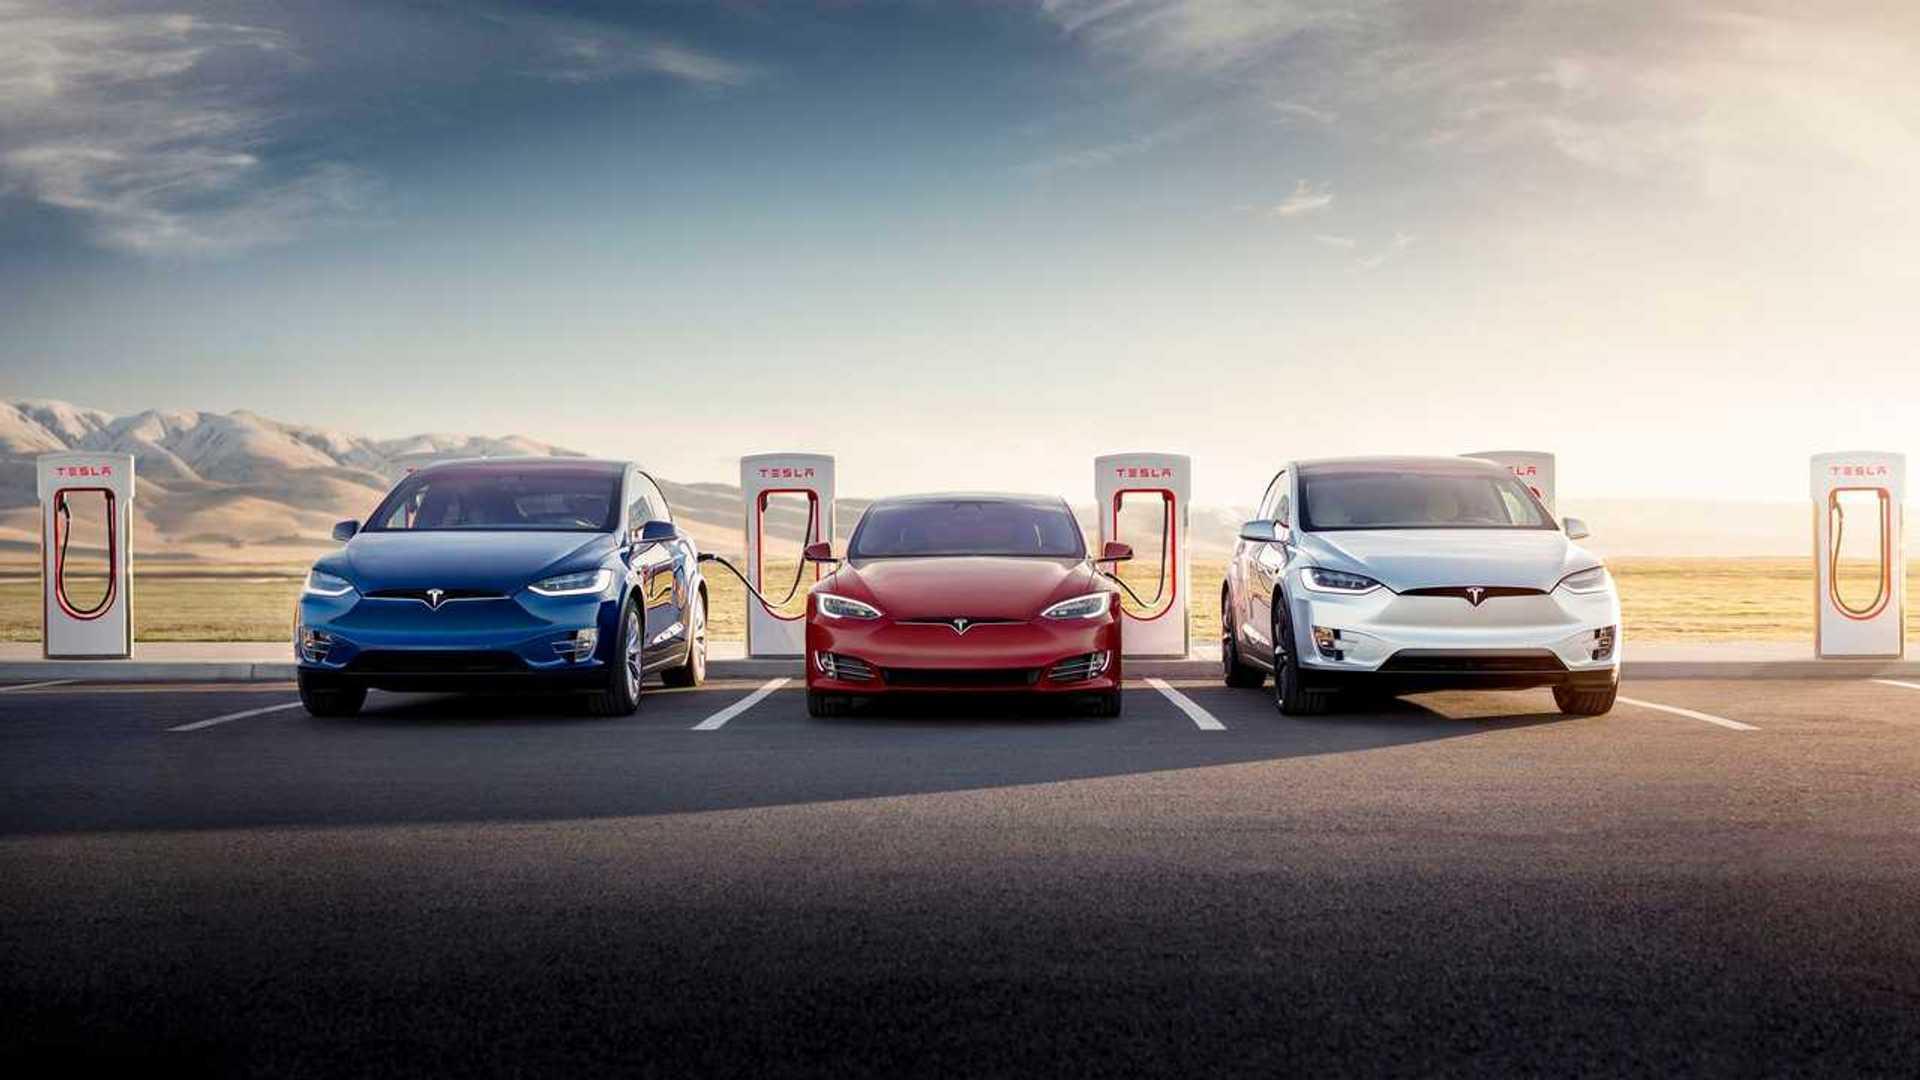 Elon musk, Mars, elon musk mars, iron man, ايلون ماسك, مصنع تسلا